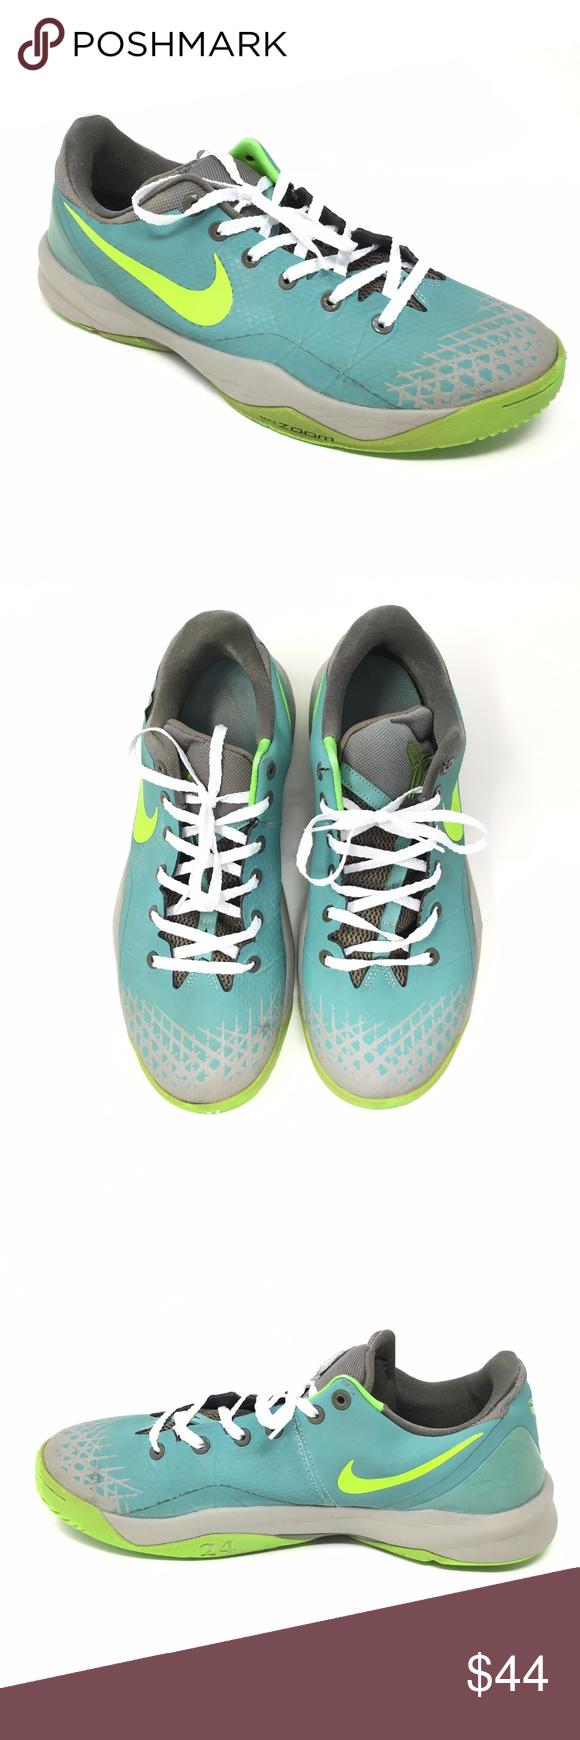 Men's Nike Zoom Kobe Venomenon 4